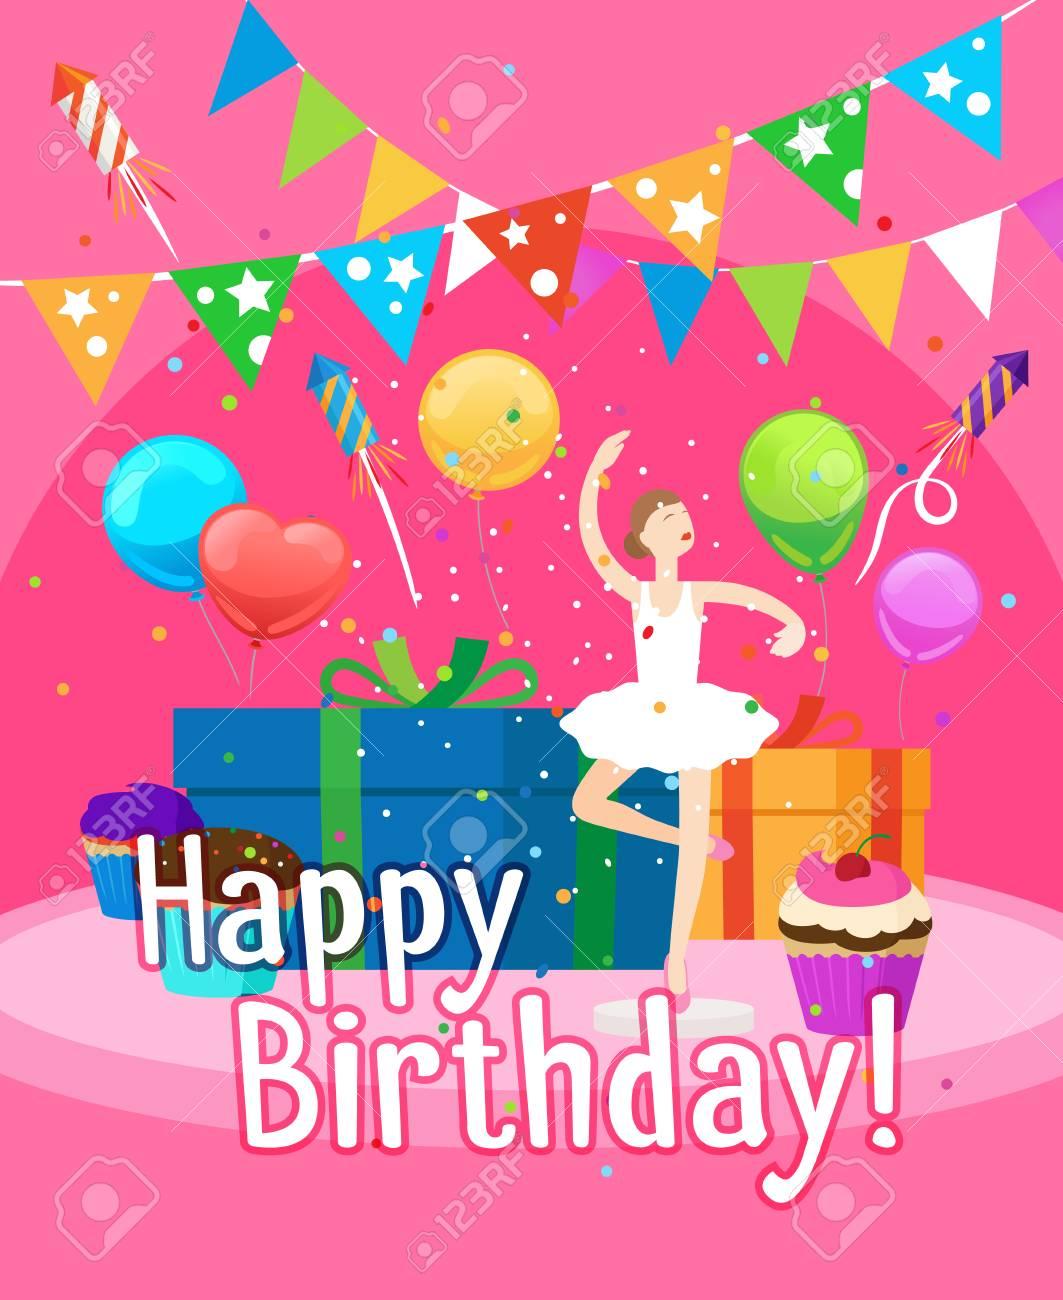 Plantilla De Tarjeta De Invitación De Feliz Cumpleaños Para Niña Con Ilustración De Vector De Bailarina Y Globos